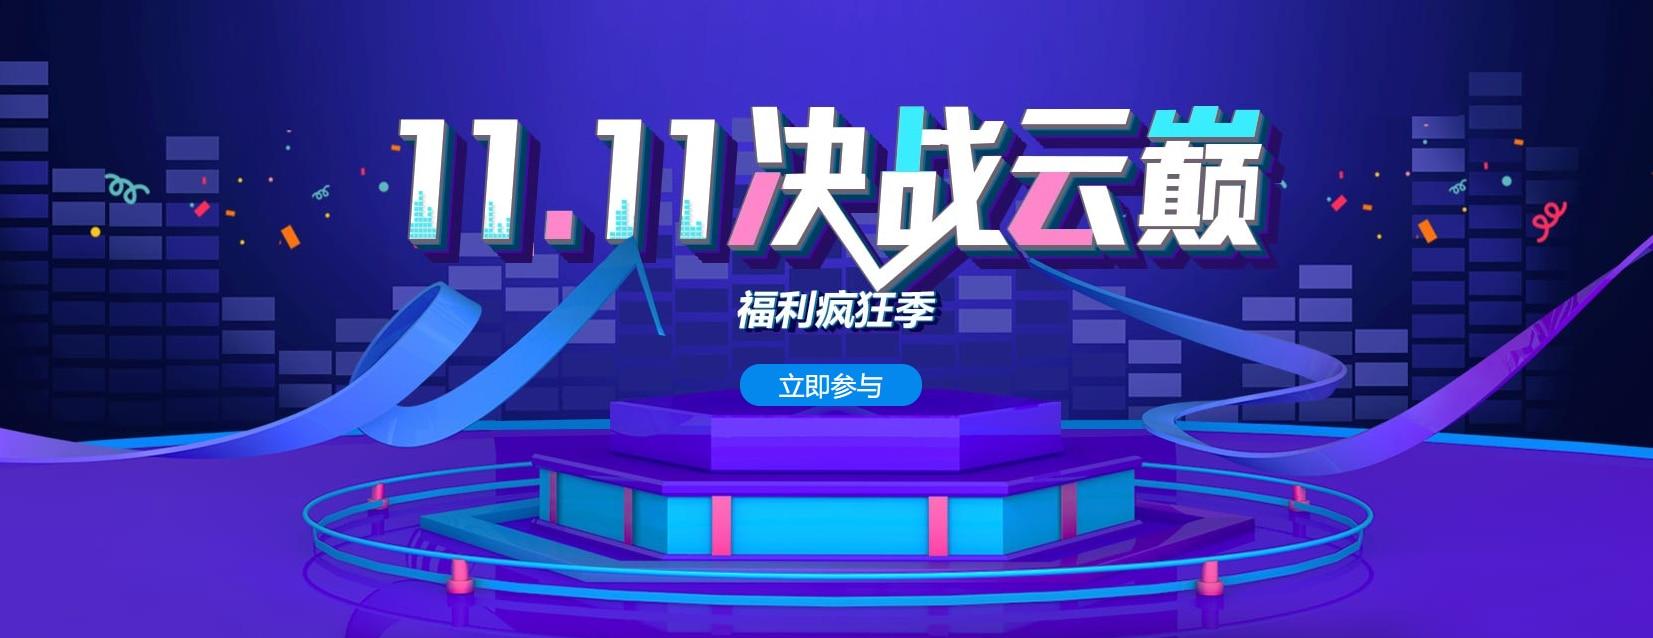 景安网络11.11决战云巅 ,福利疯狂季活动